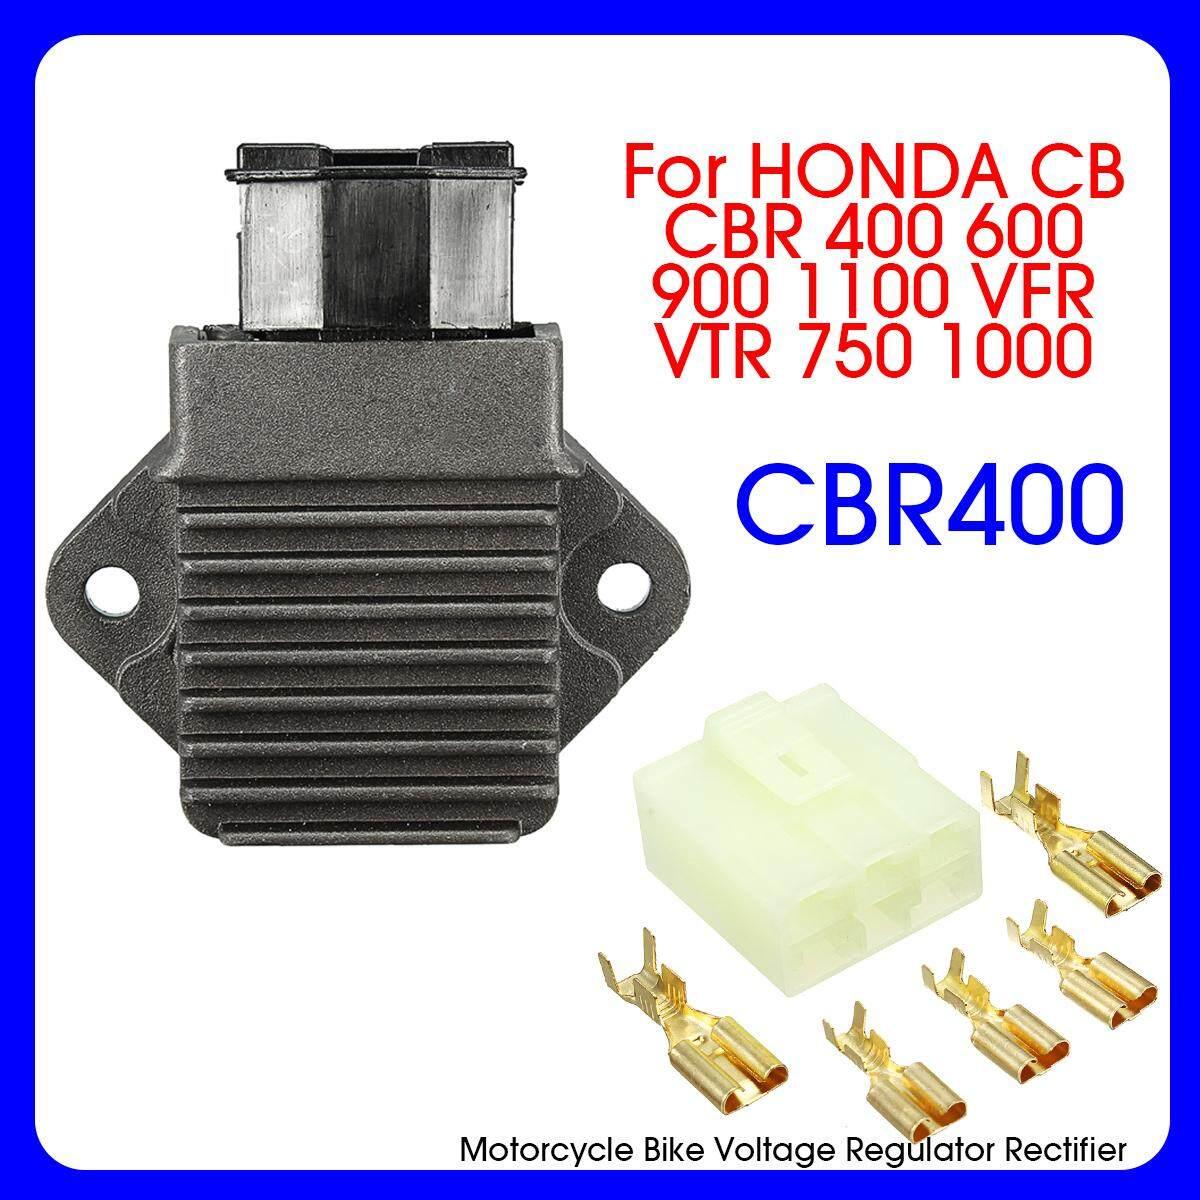 REGLER HONDA CB CBR 400 600 900 1100 VFR VTR 750 1000 VT XL RVF NT PC 800